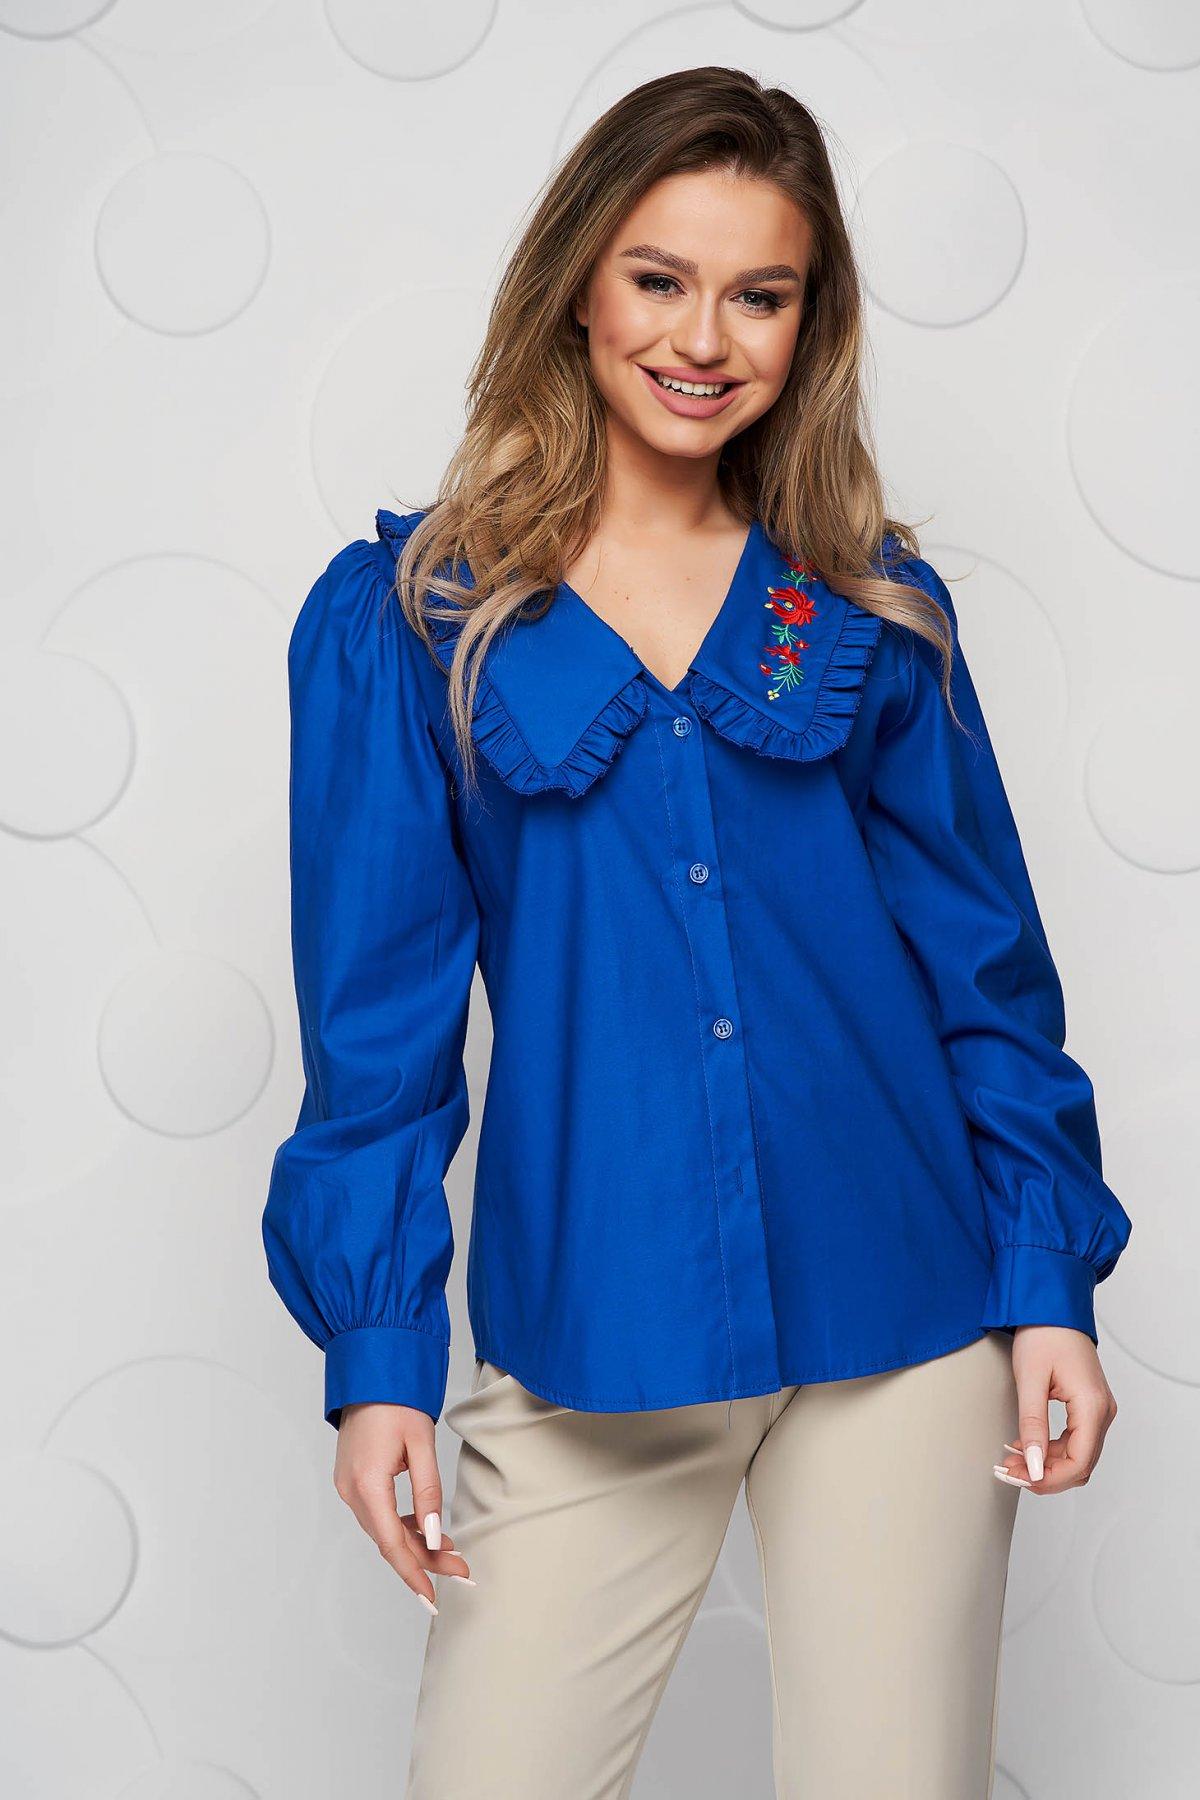 Camasa dama SunShine albastra brodata din bumbac cu croi larg si guler cu volanase